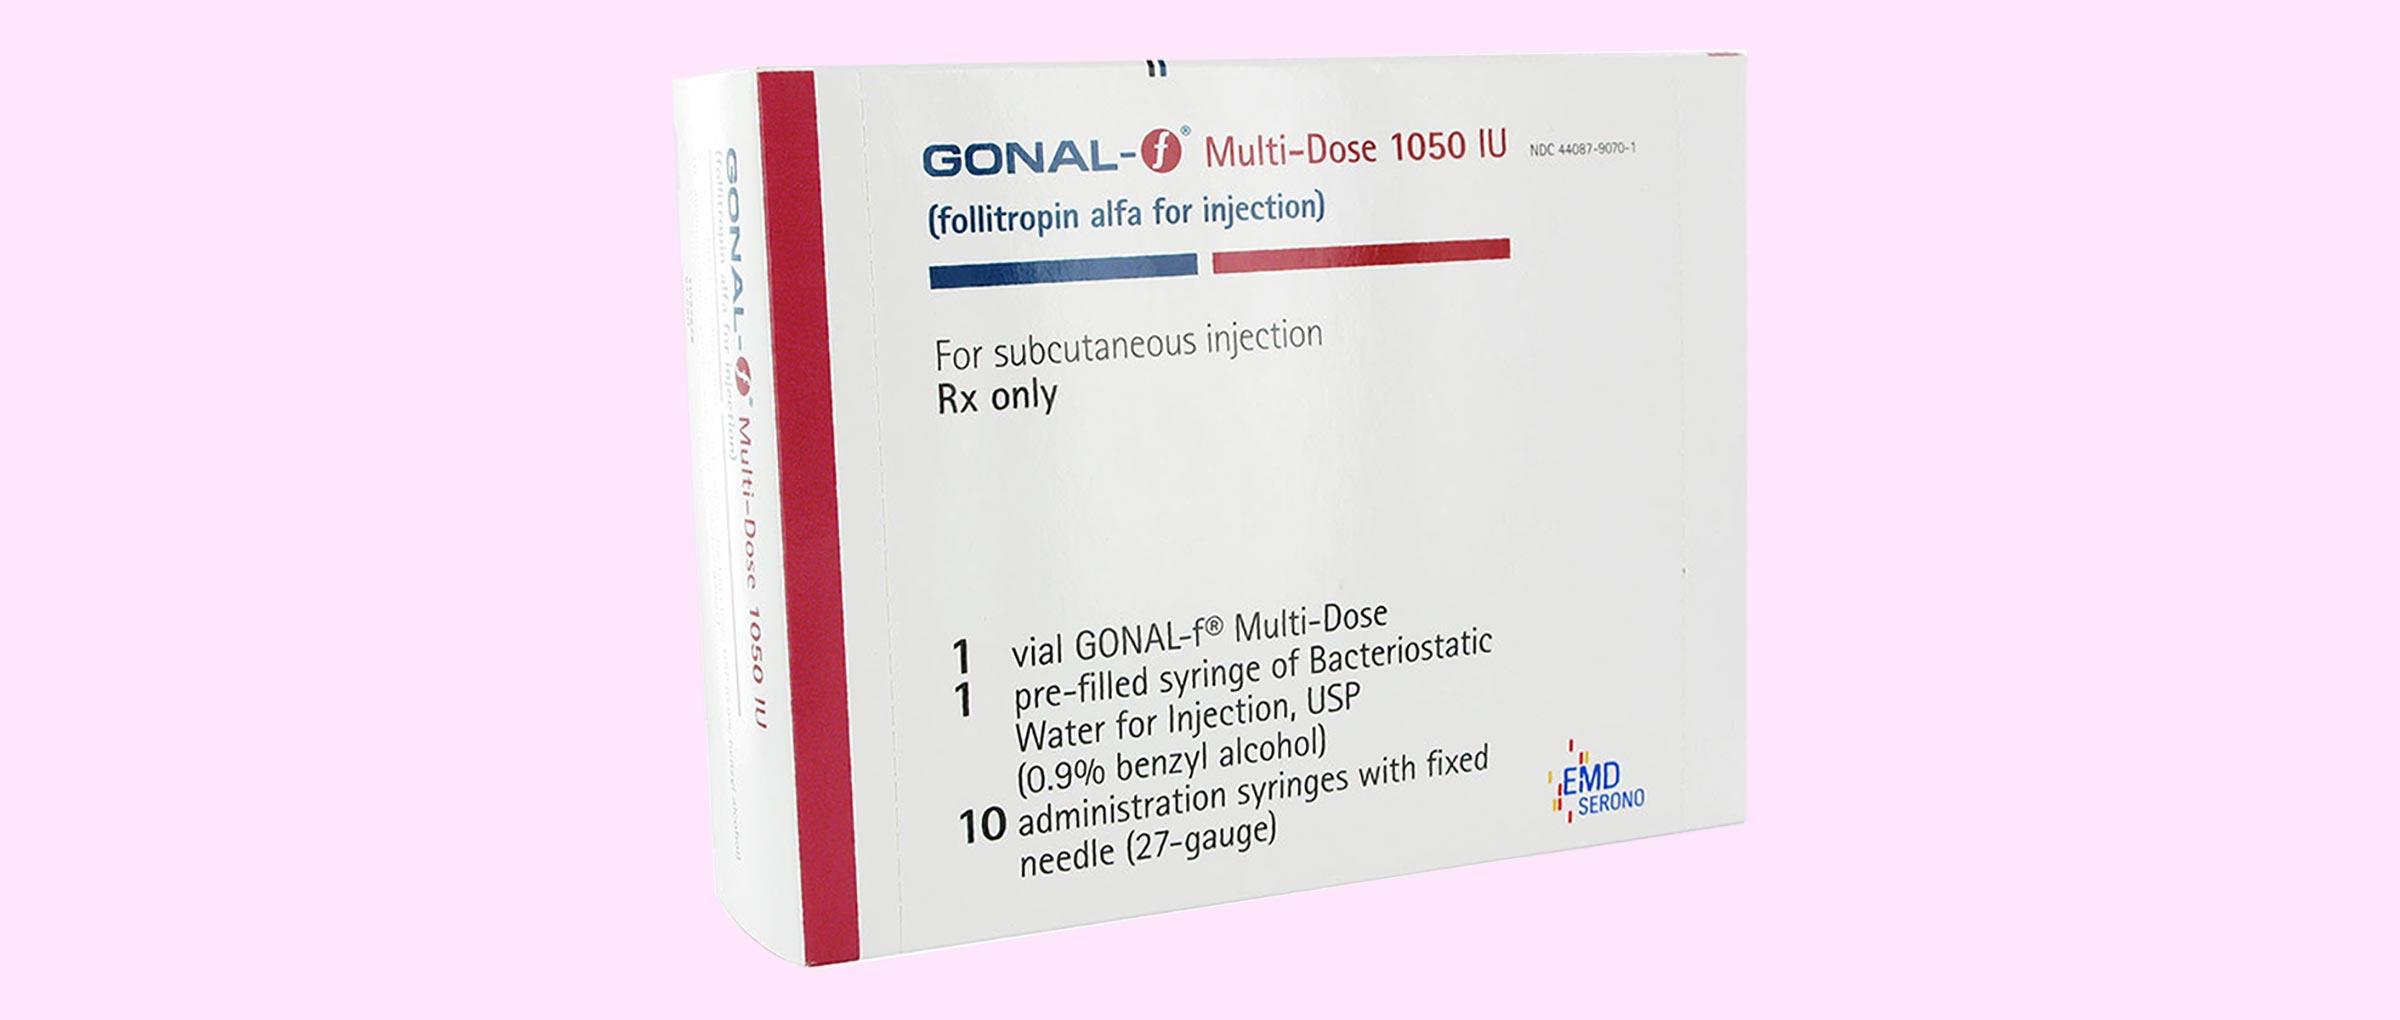 Gonal f 1050